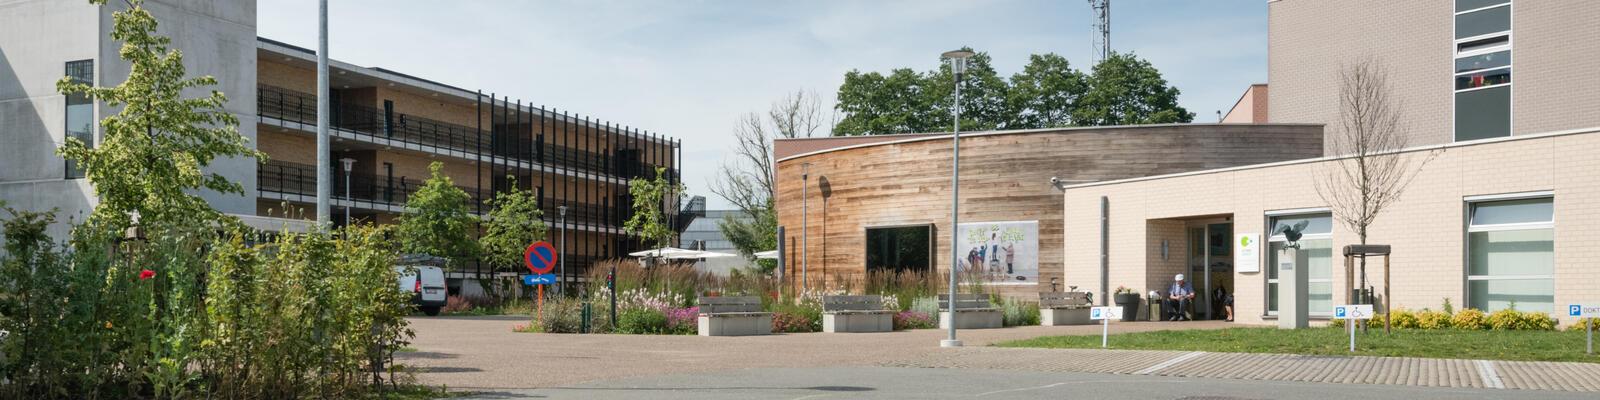 Woonzorgcentrum  Zonnebloem gebouw